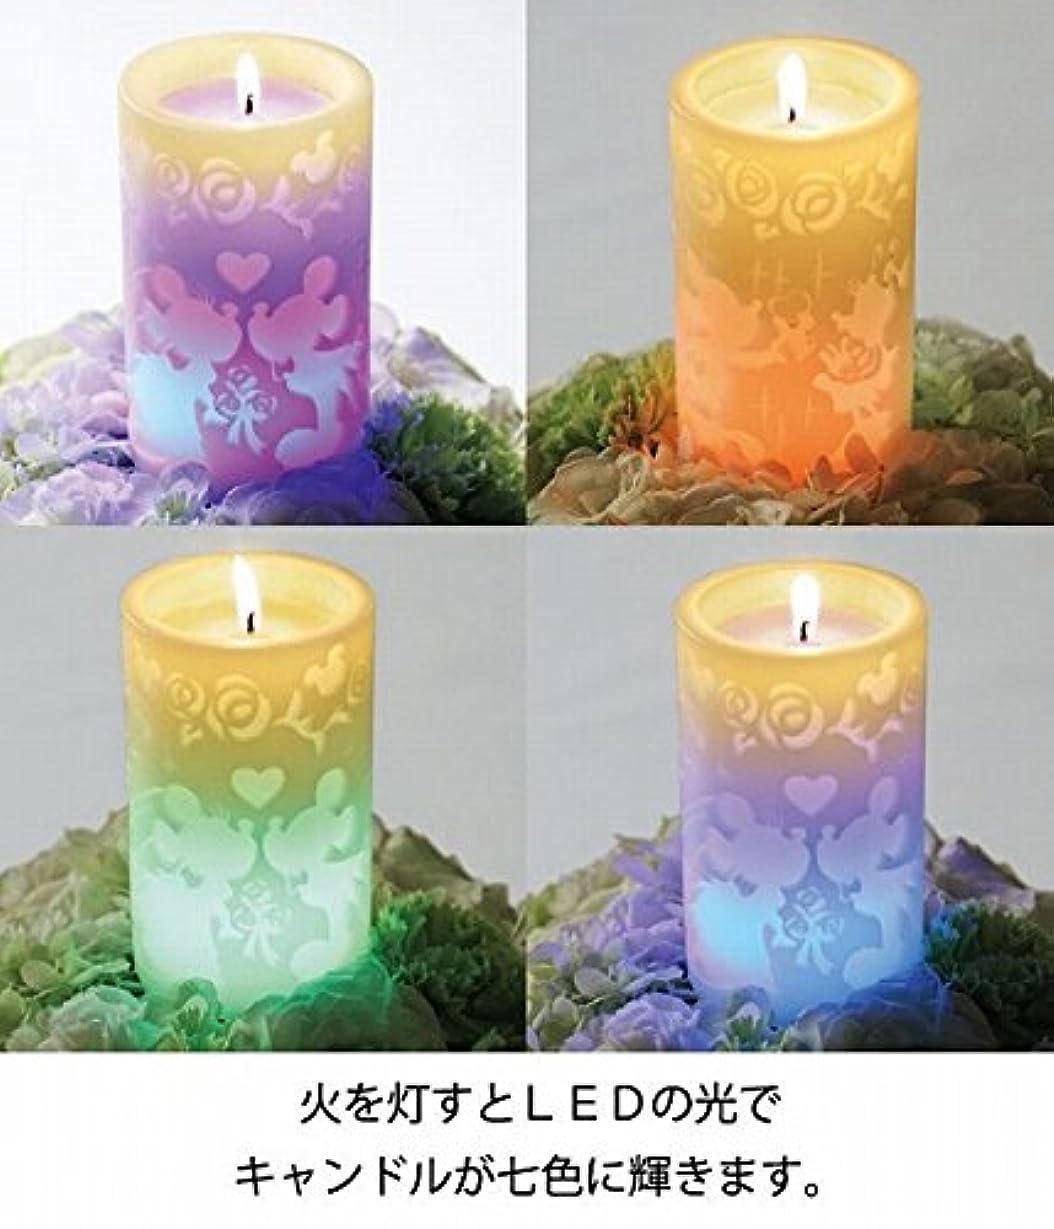 葡萄遮る科学者kameyama candle(カメヤマキャンドル) ミッキー&ミニーLEDピラー(A4970000)